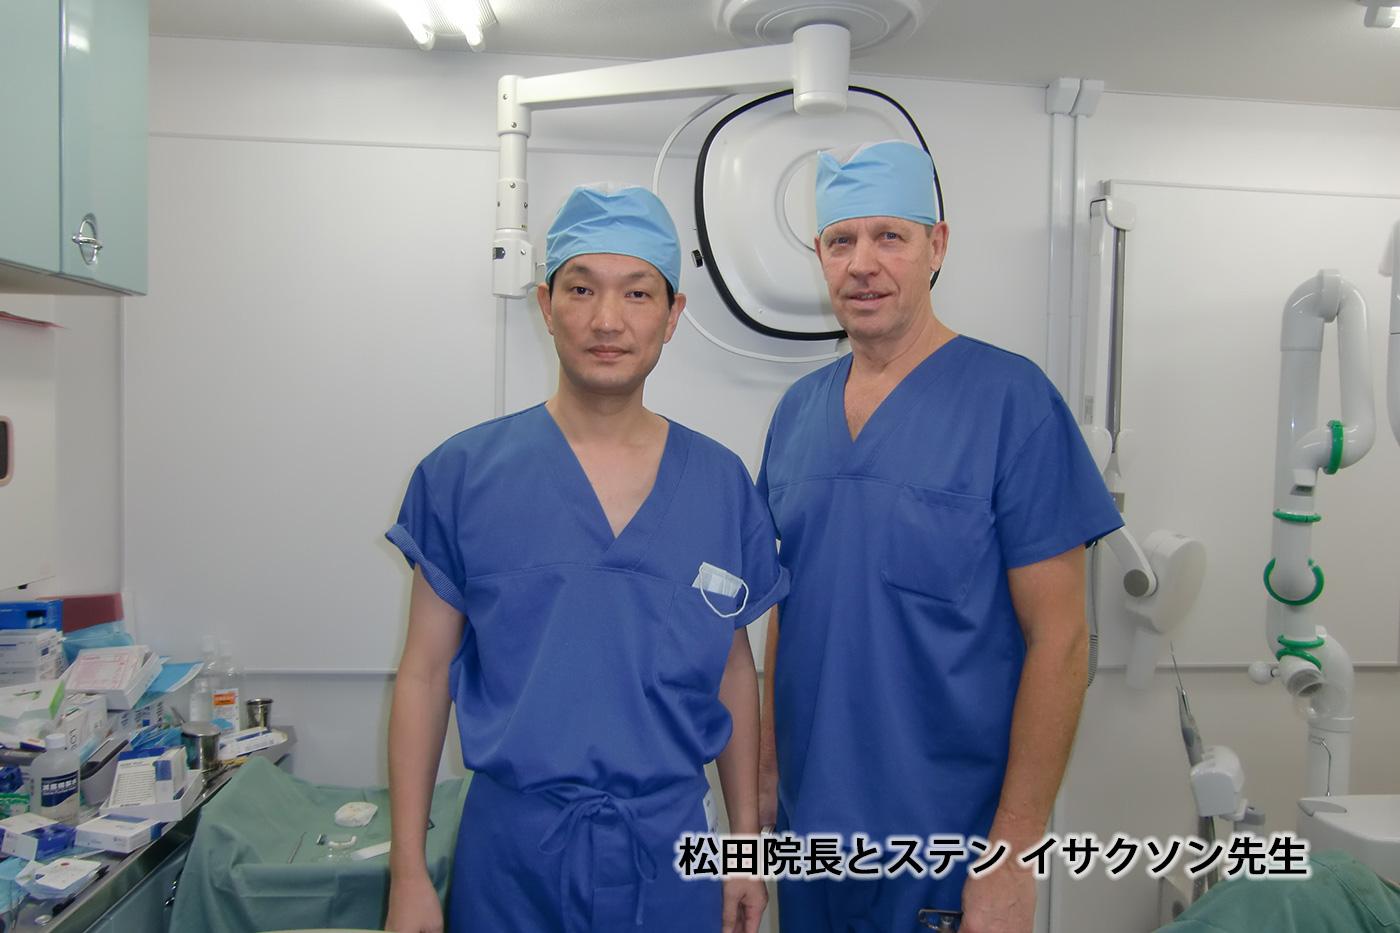 奈良・宇陀市の松田歯科医院の院長とステンイサクソン先生